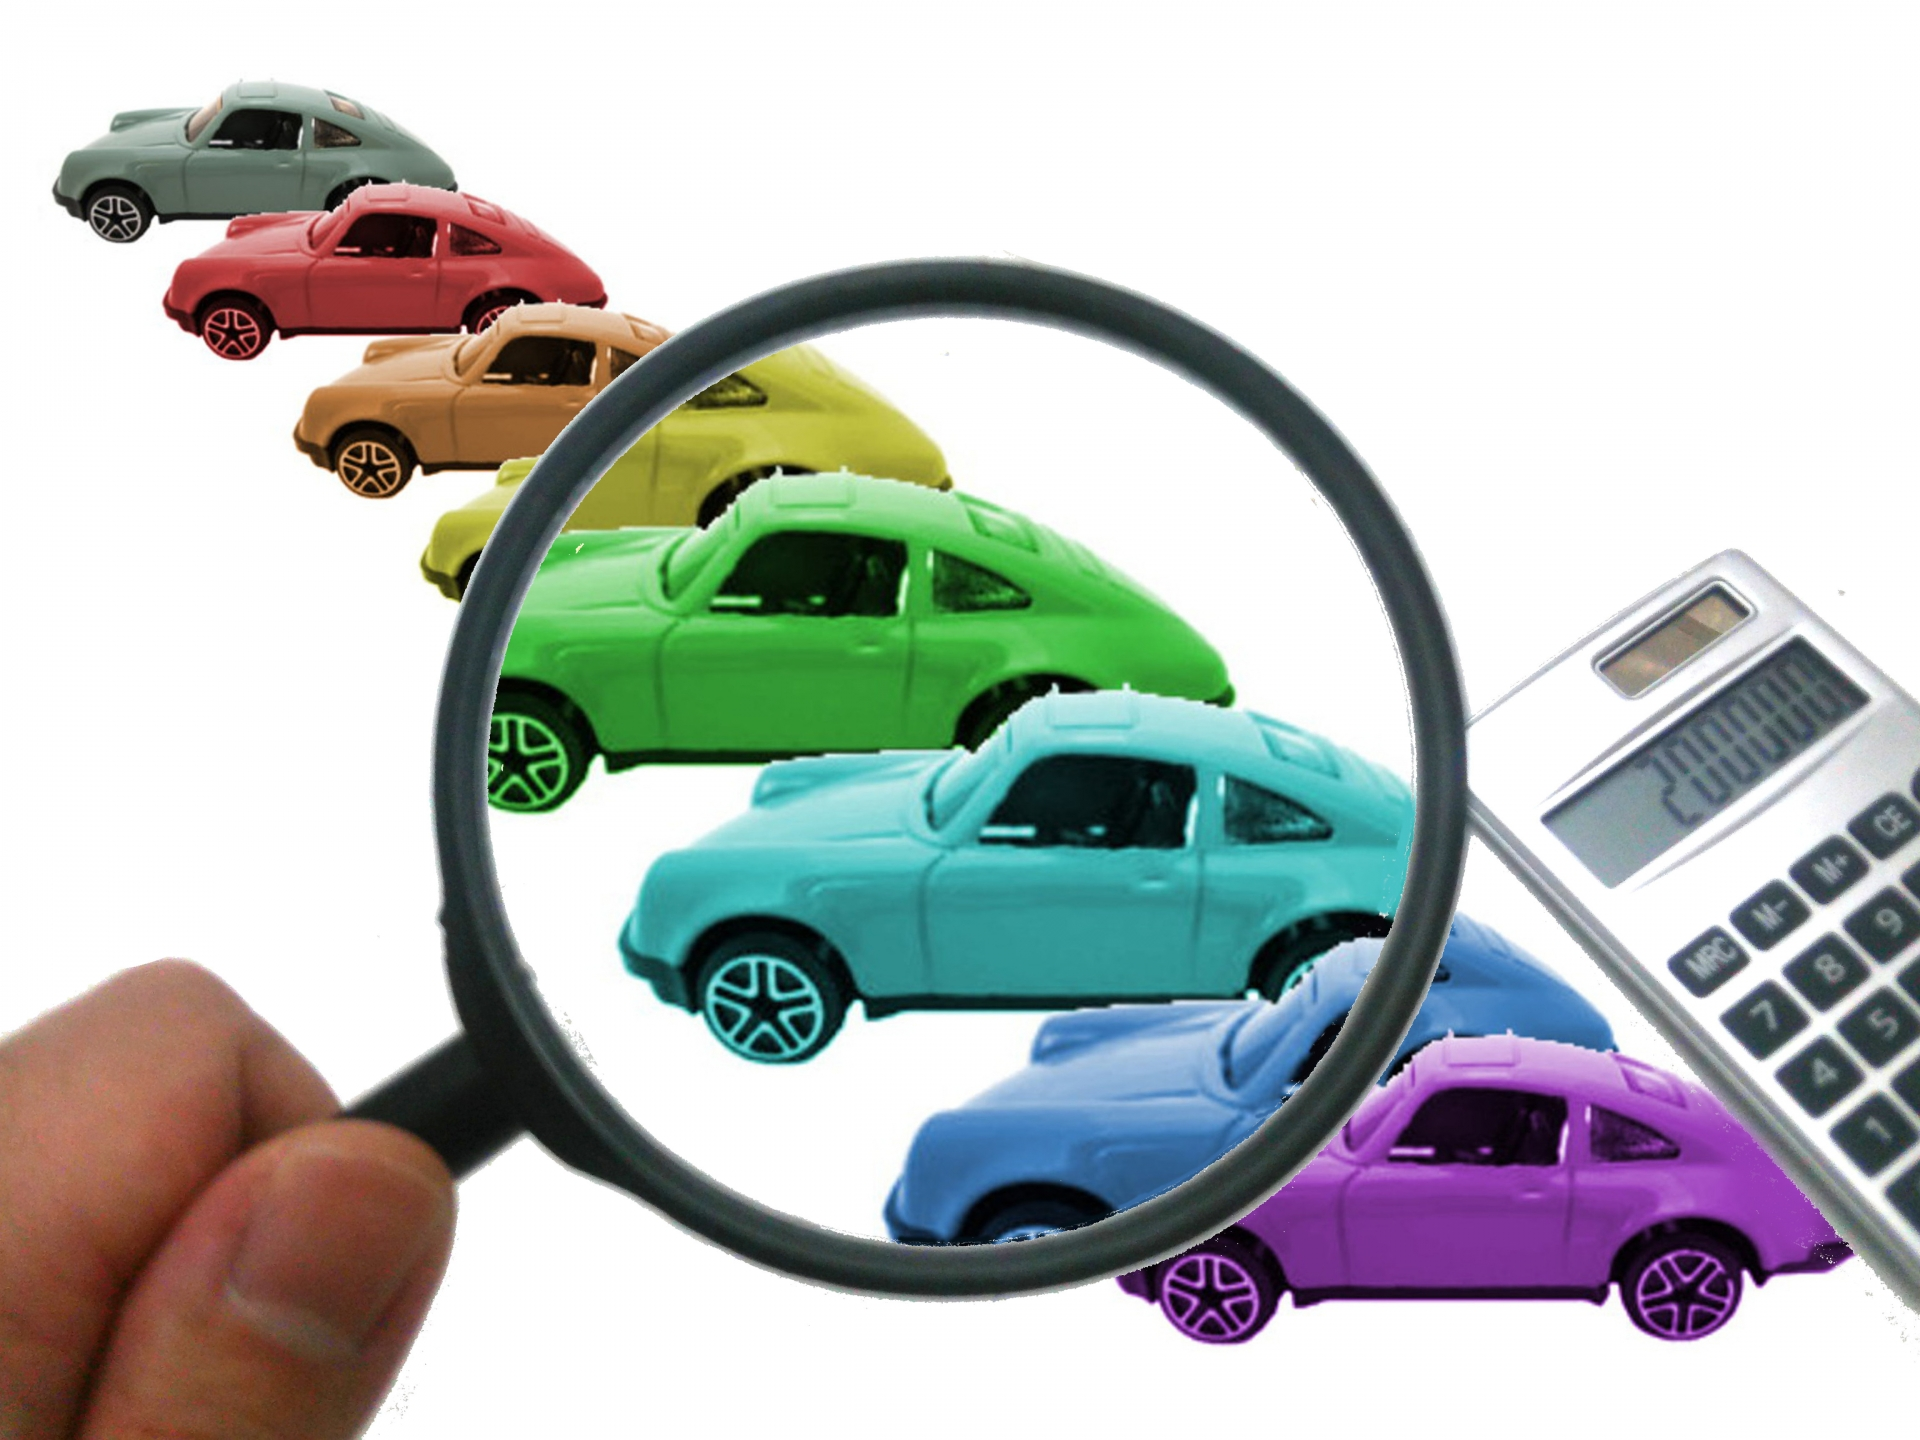 中古車業界から転職したい!離職率の高い中古車販売の現状とは?